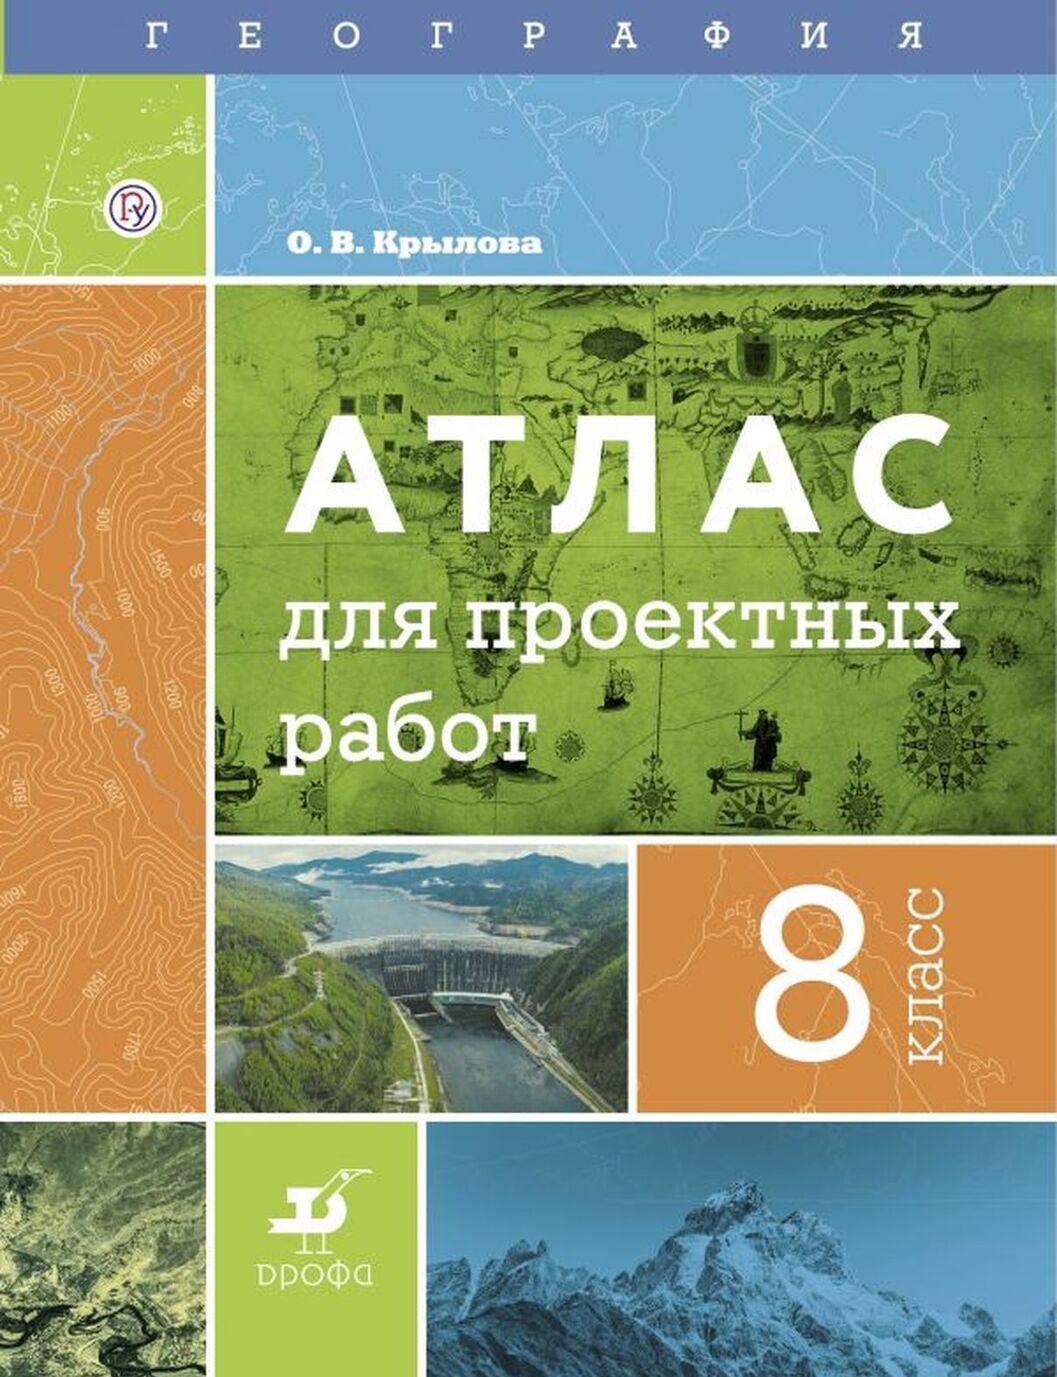 Geografija. 8 klass. Atlas dlja proektnykh rabot | Krylova Olga Vadimovna